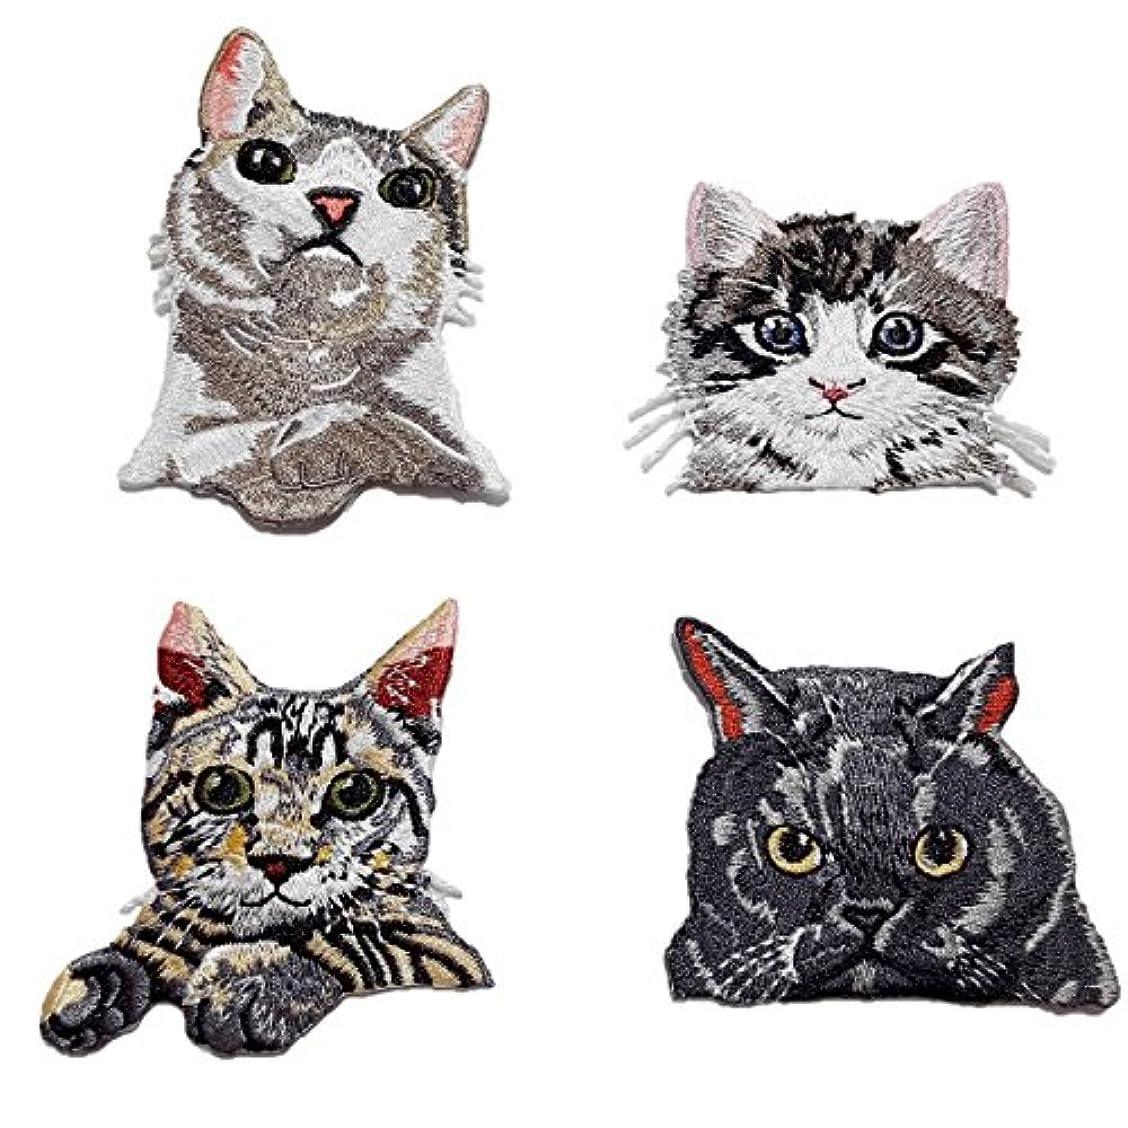 建てるディーラーキウイ動物 刺繍 アイロン ワッペン 猫 4種類セット 大きいサイズ 手芸